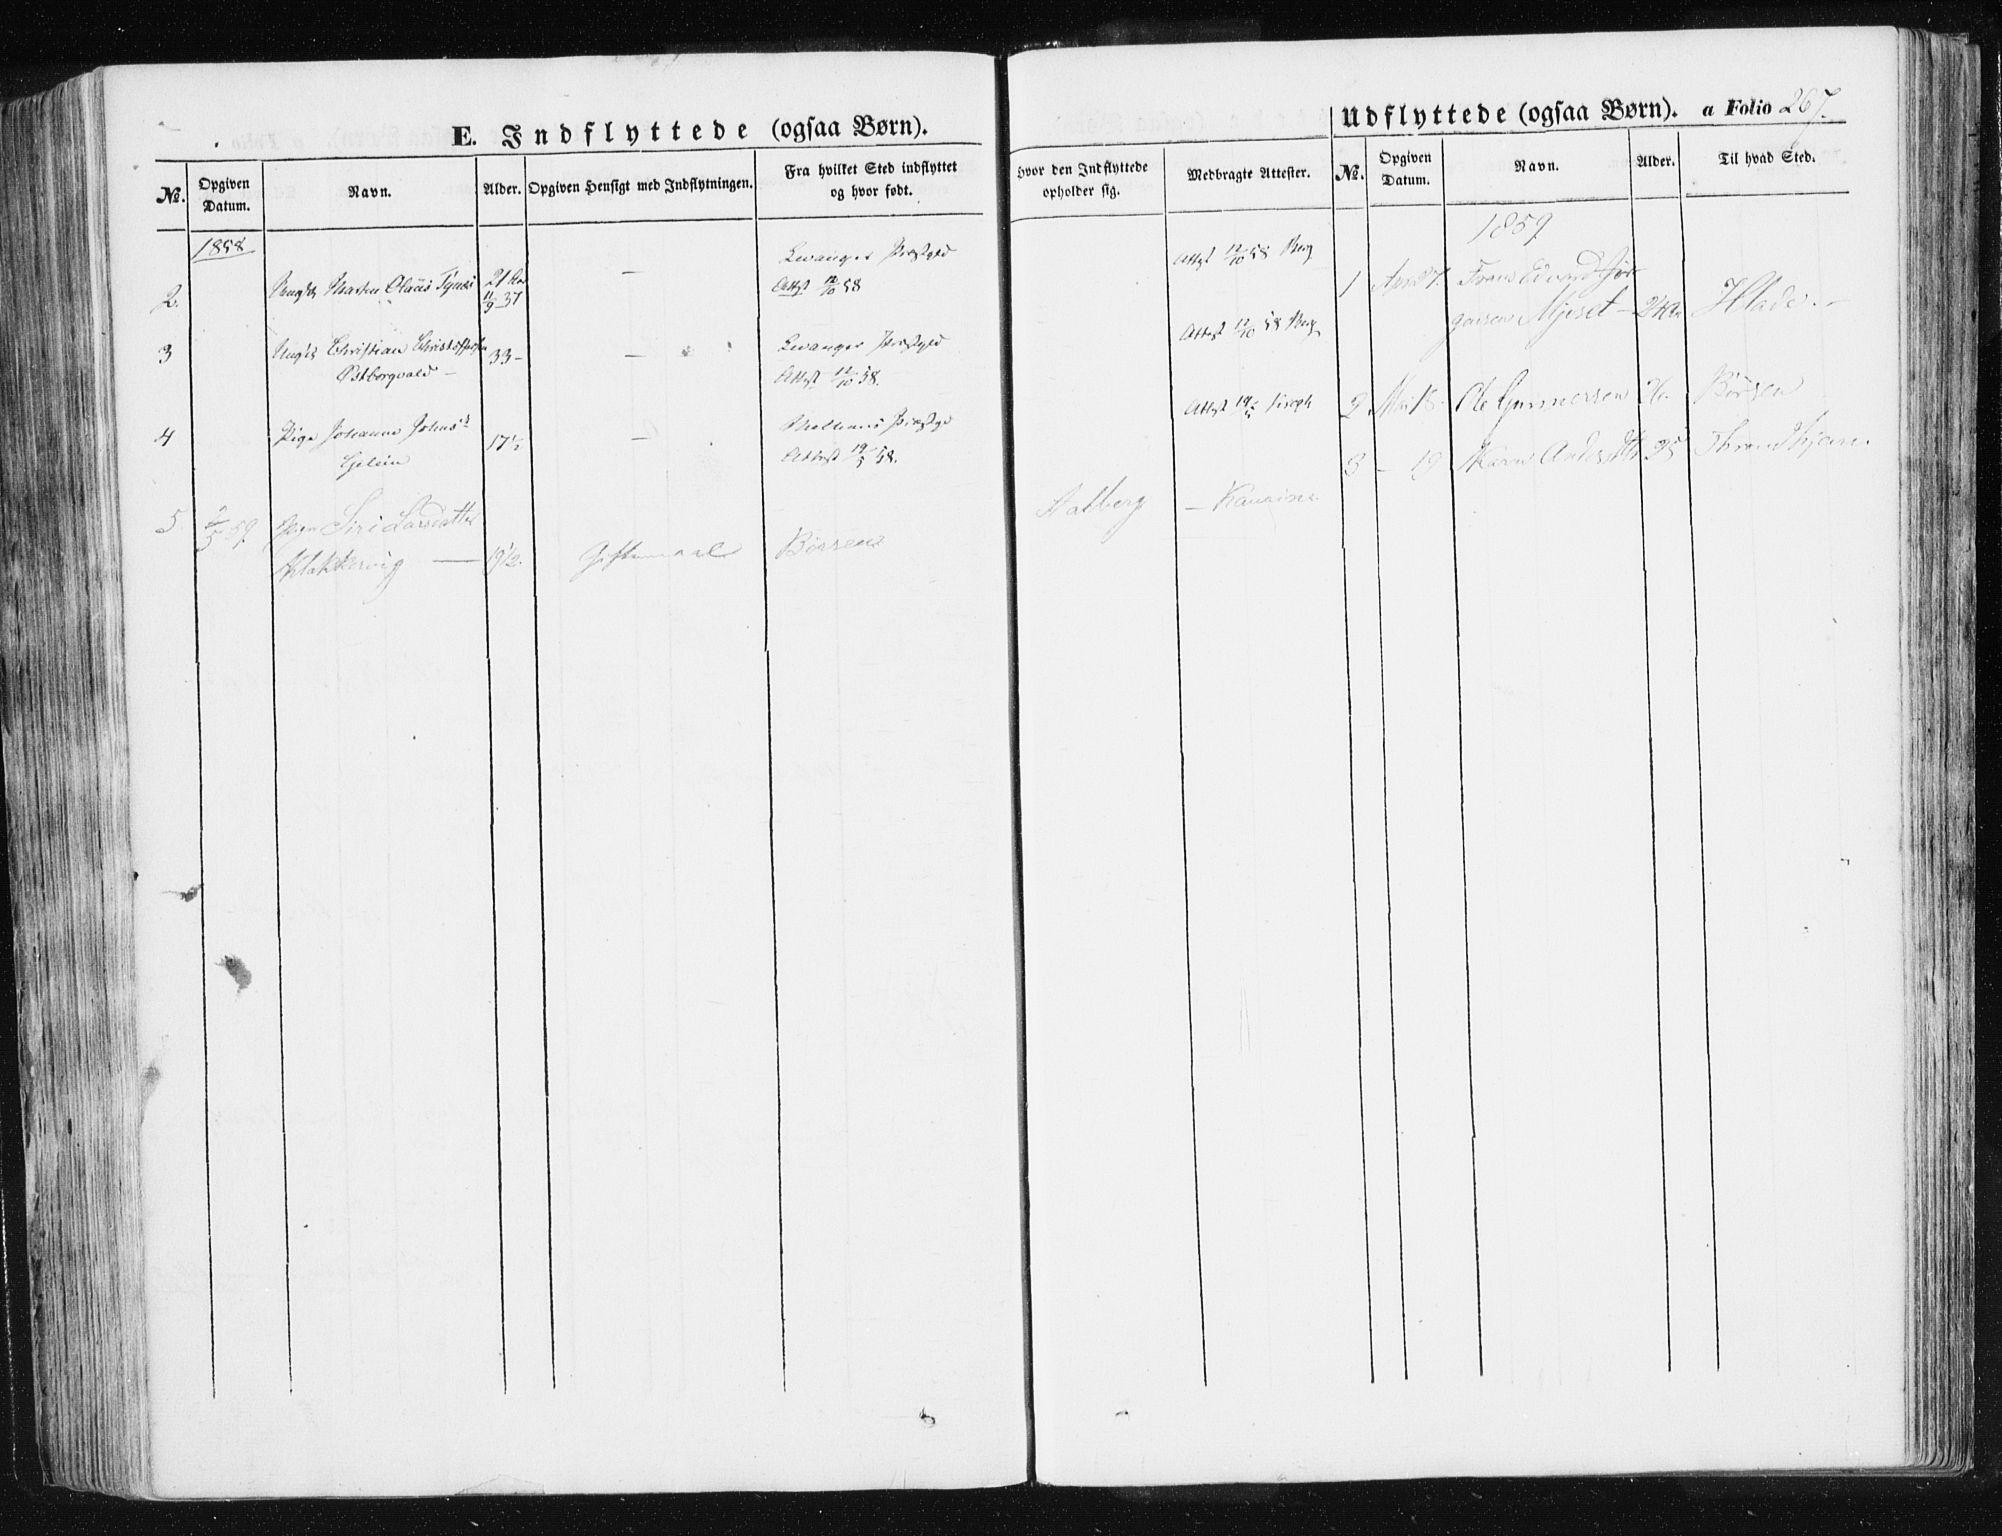 SAT, Ministerialprotokoller, klokkerbøker og fødselsregistre - Sør-Trøndelag, 612/L0376: Ministerialbok nr. 612A08, 1846-1859, s. 267